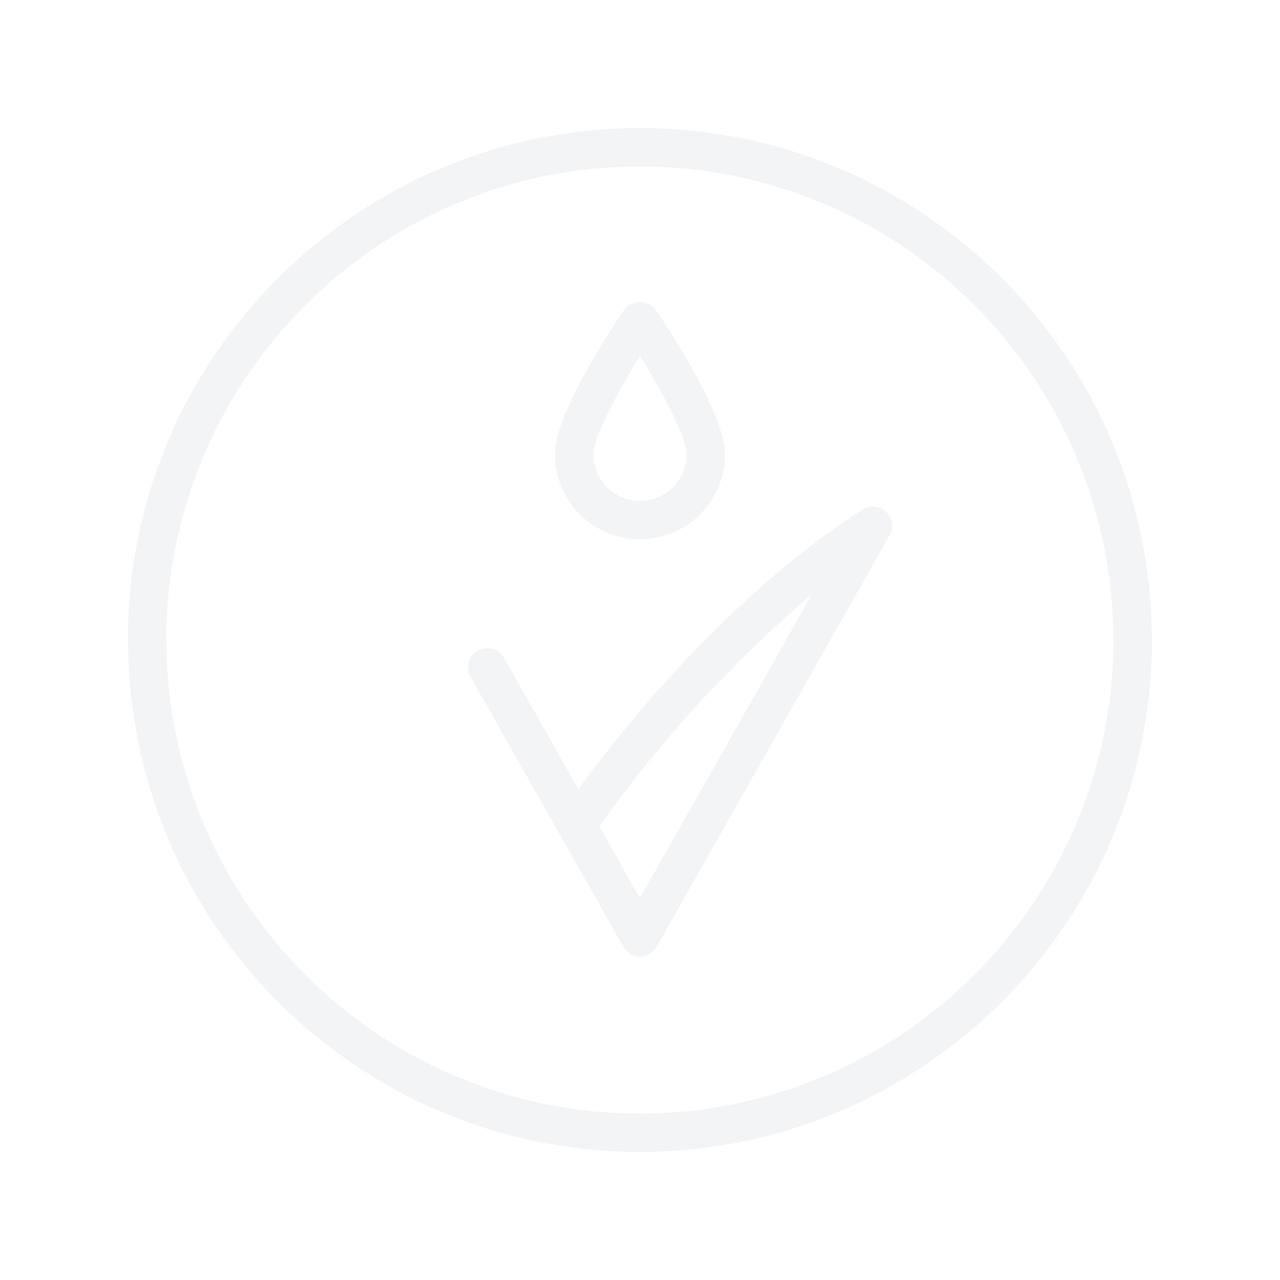 Guerlain KissKiss LipLift Smoothing Lipstick Primer 2.8g